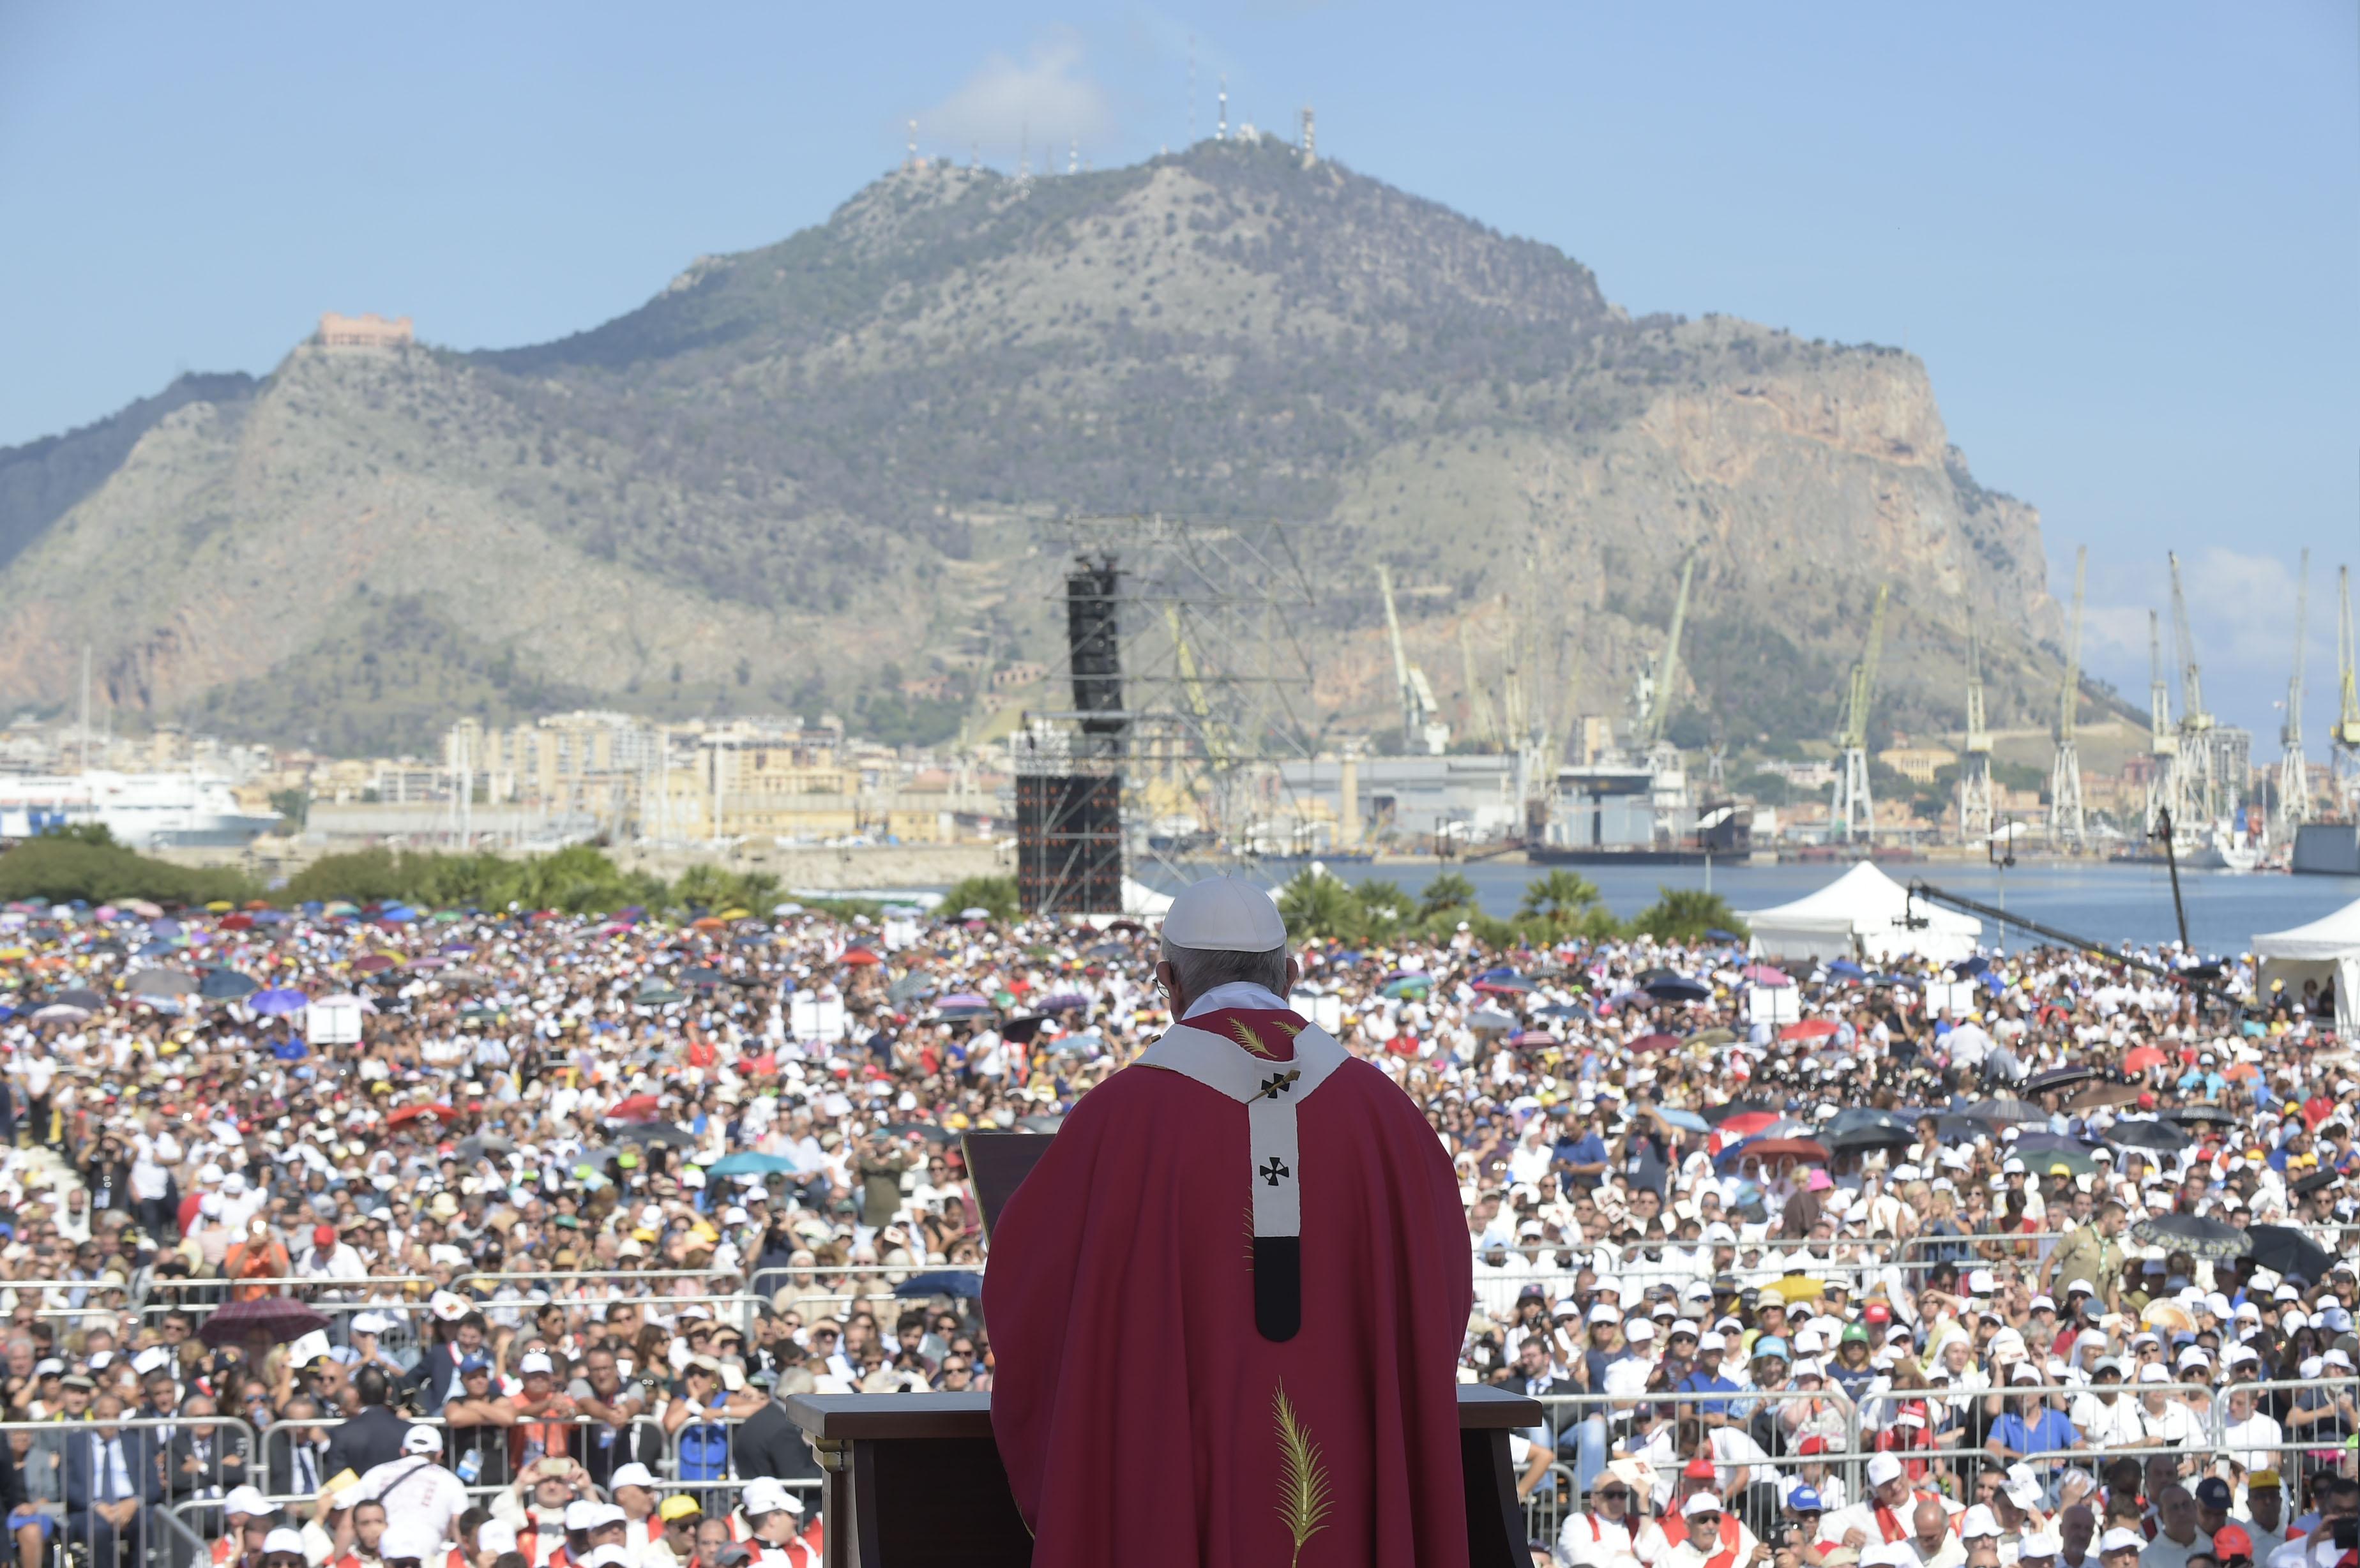 Visita del Papa Francisco a Palermo, capital de Sicilia © Vatican Media